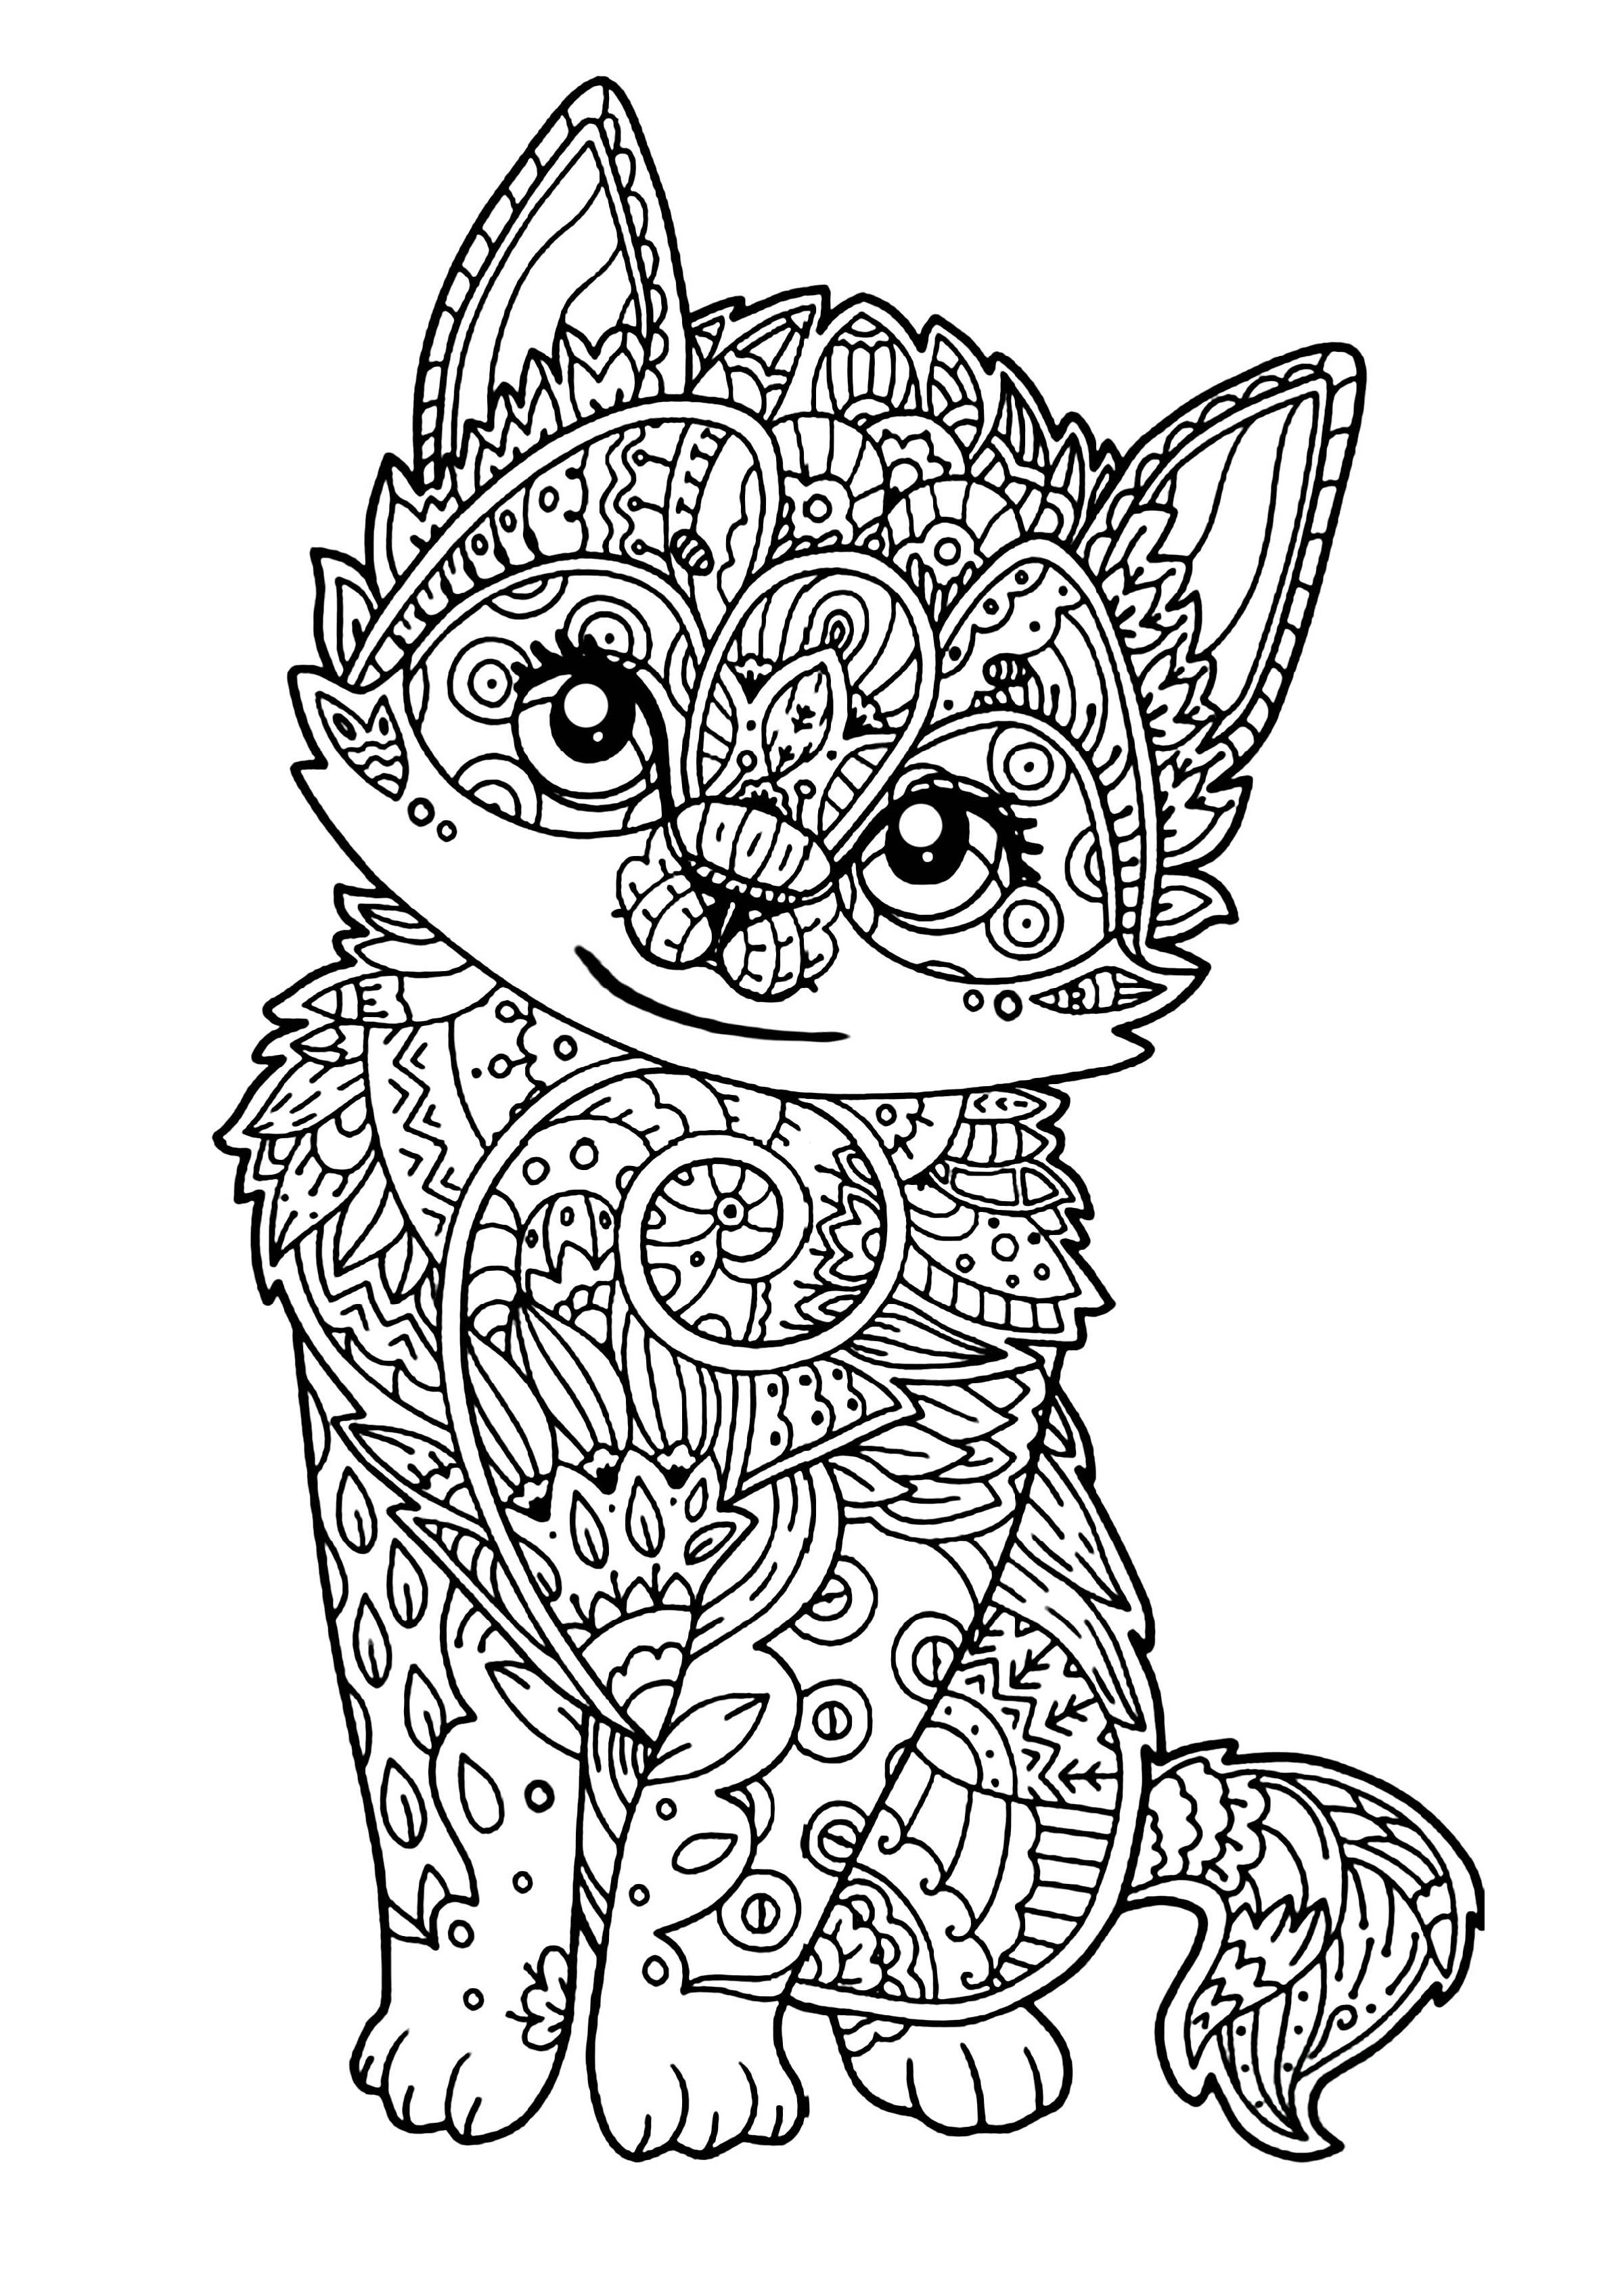 Online-Mandala-Coloring-Cat